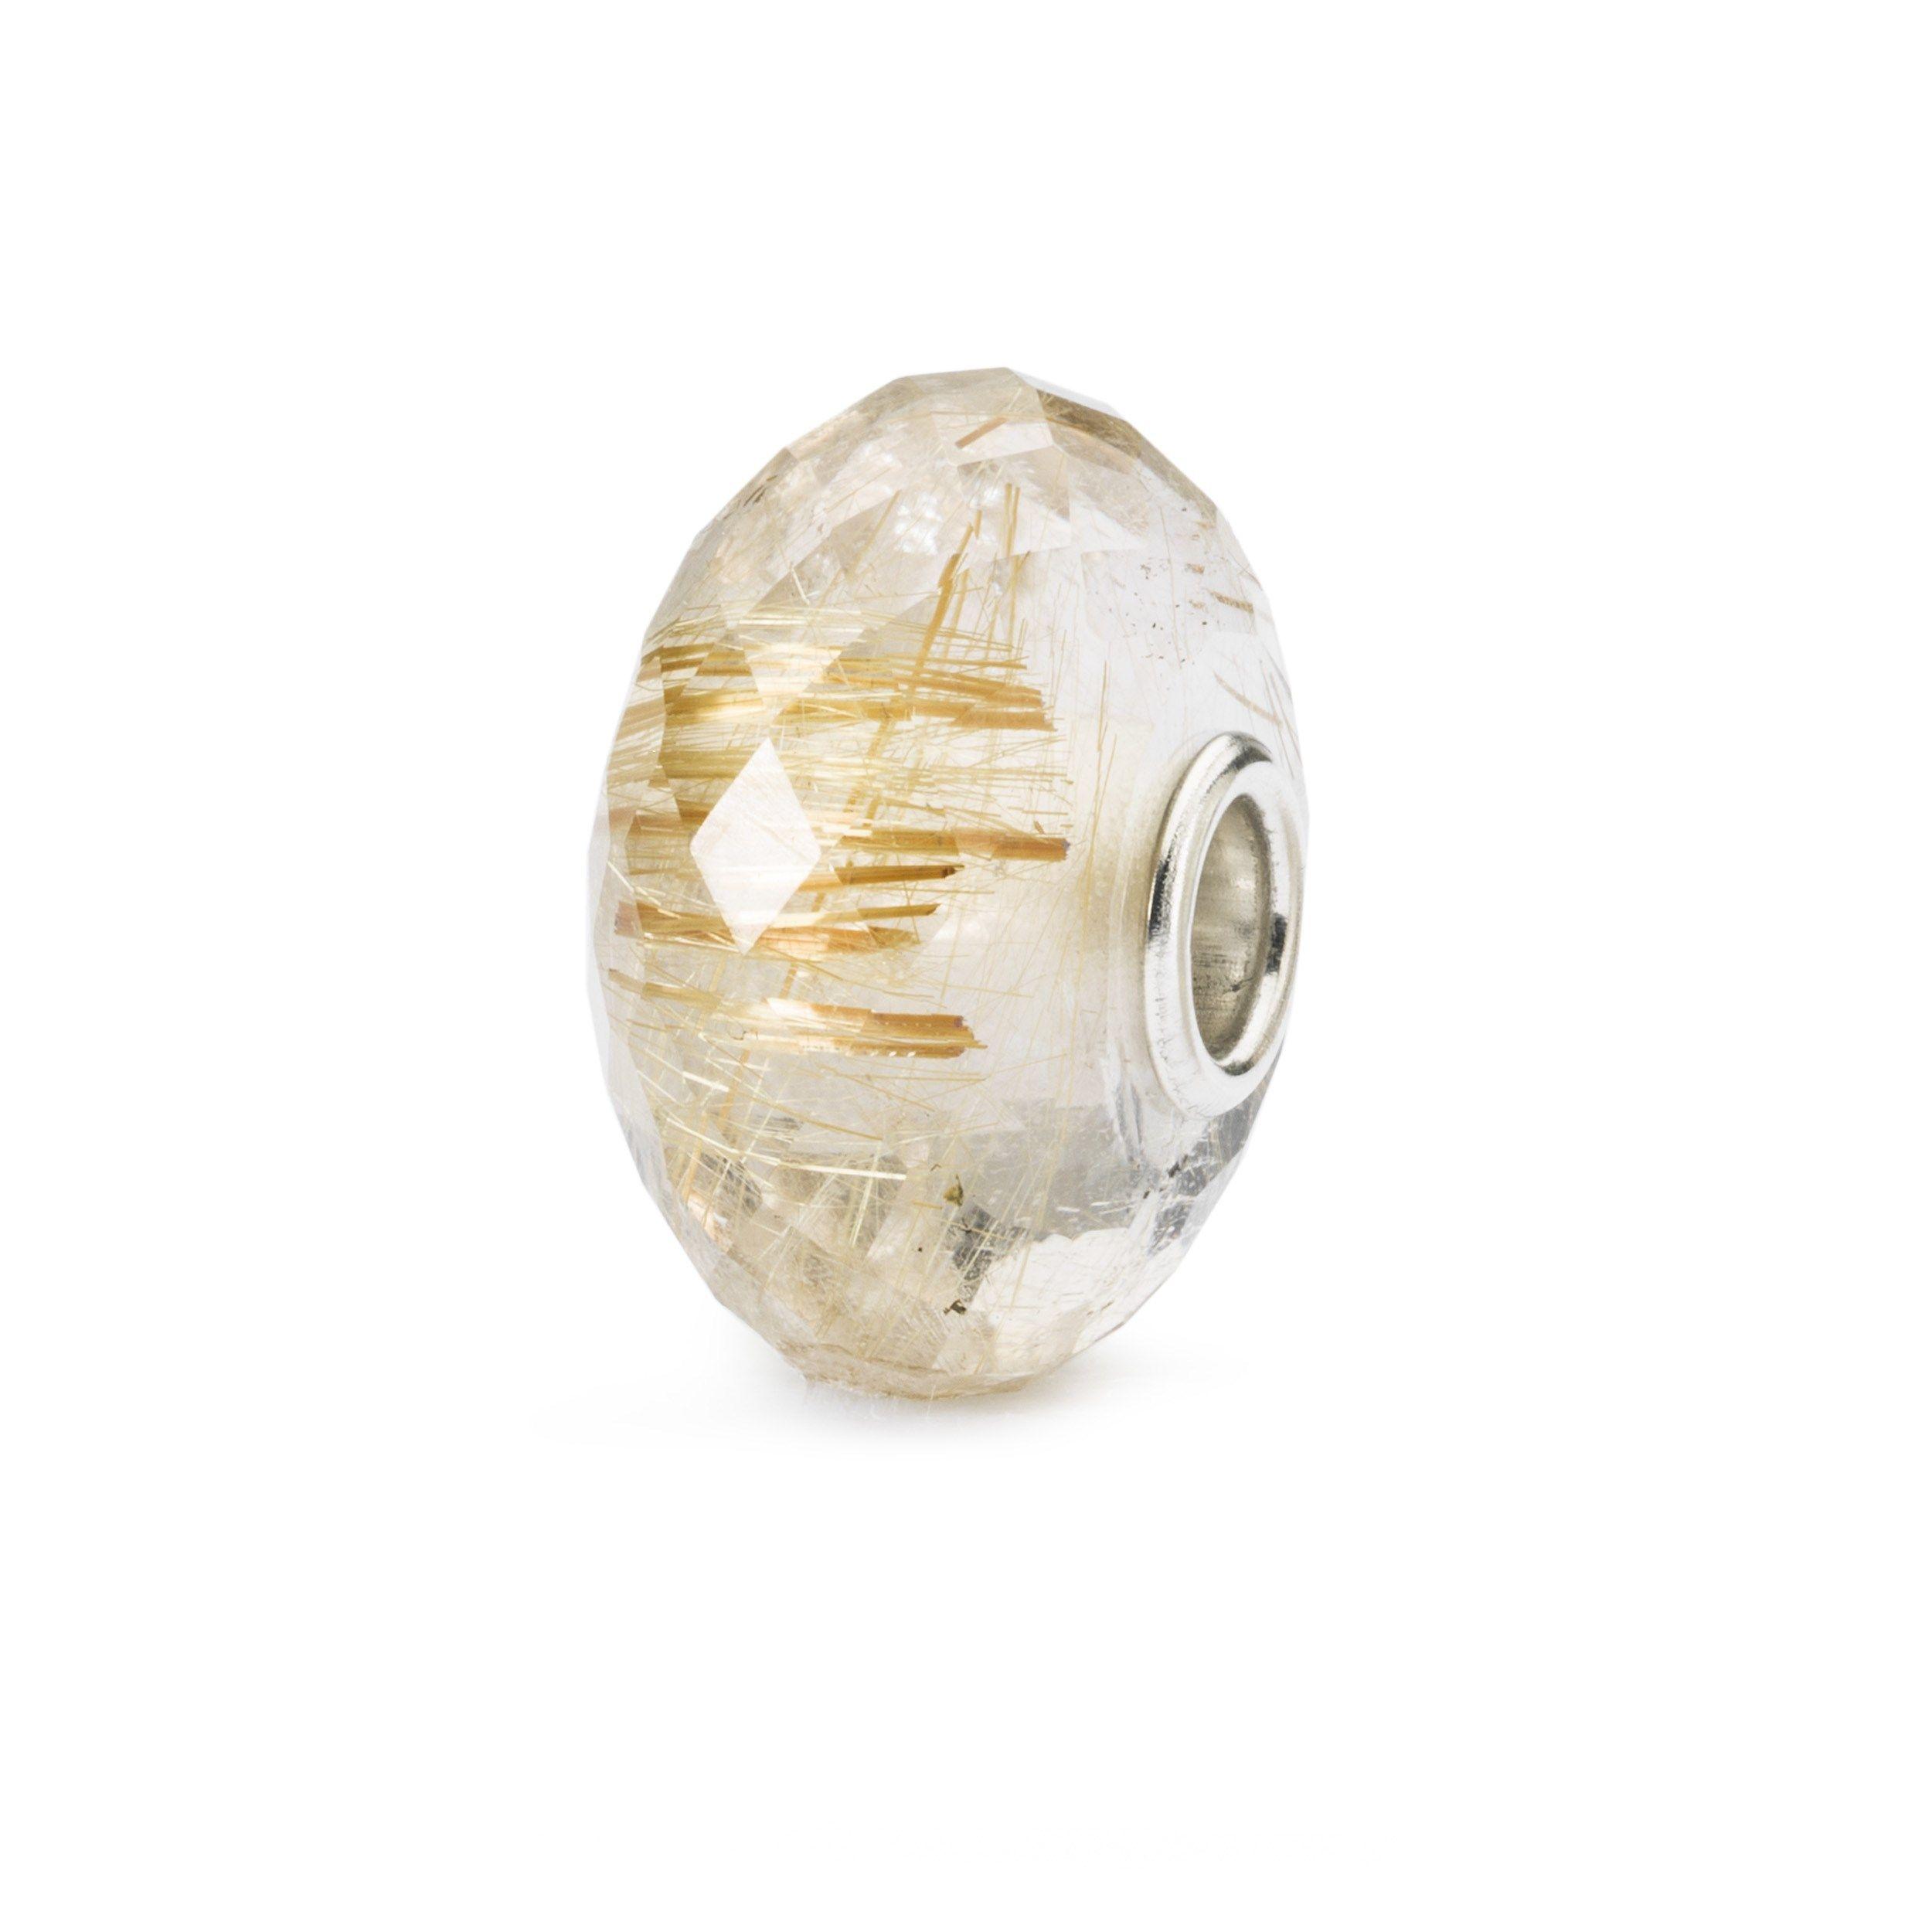 <p>De Trollbeads-dag 2017-kraal is een gouden Rutielkwarts, een edelsteen met rutiel. Rutiel ziet eruit alsof het gemaakt is van kleine naaldjes. De steen wordt ook wel venushaarsteen genoemd en varieert in kleur van heel lichte tot diepere tinten. Gouden rutielkwarts is een heel geschikte steen voor als je je leven een andere richting wilt geven. De steen reinigt en geeft energie, helpt je je leven eenvoudiger te maken, heeft het vermogen je stemming te verbeteren, en trekt naar het sc...